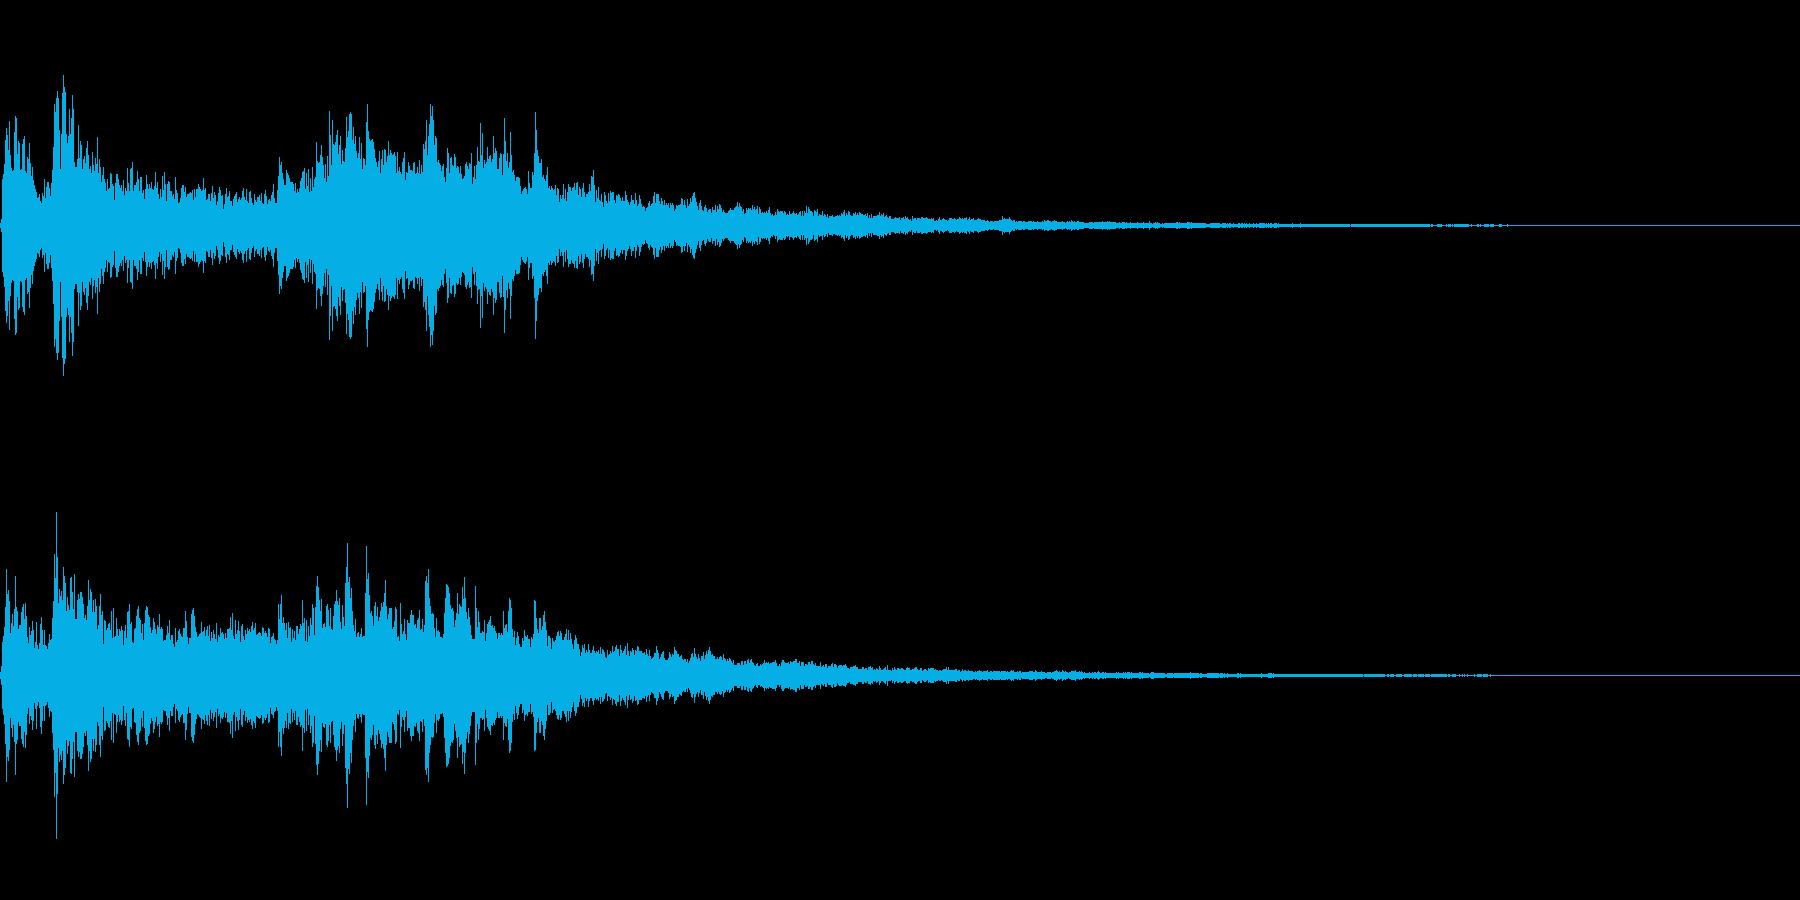 劇伴~衝撃を受けた時のピアノのフレーズ~の再生済みの波形